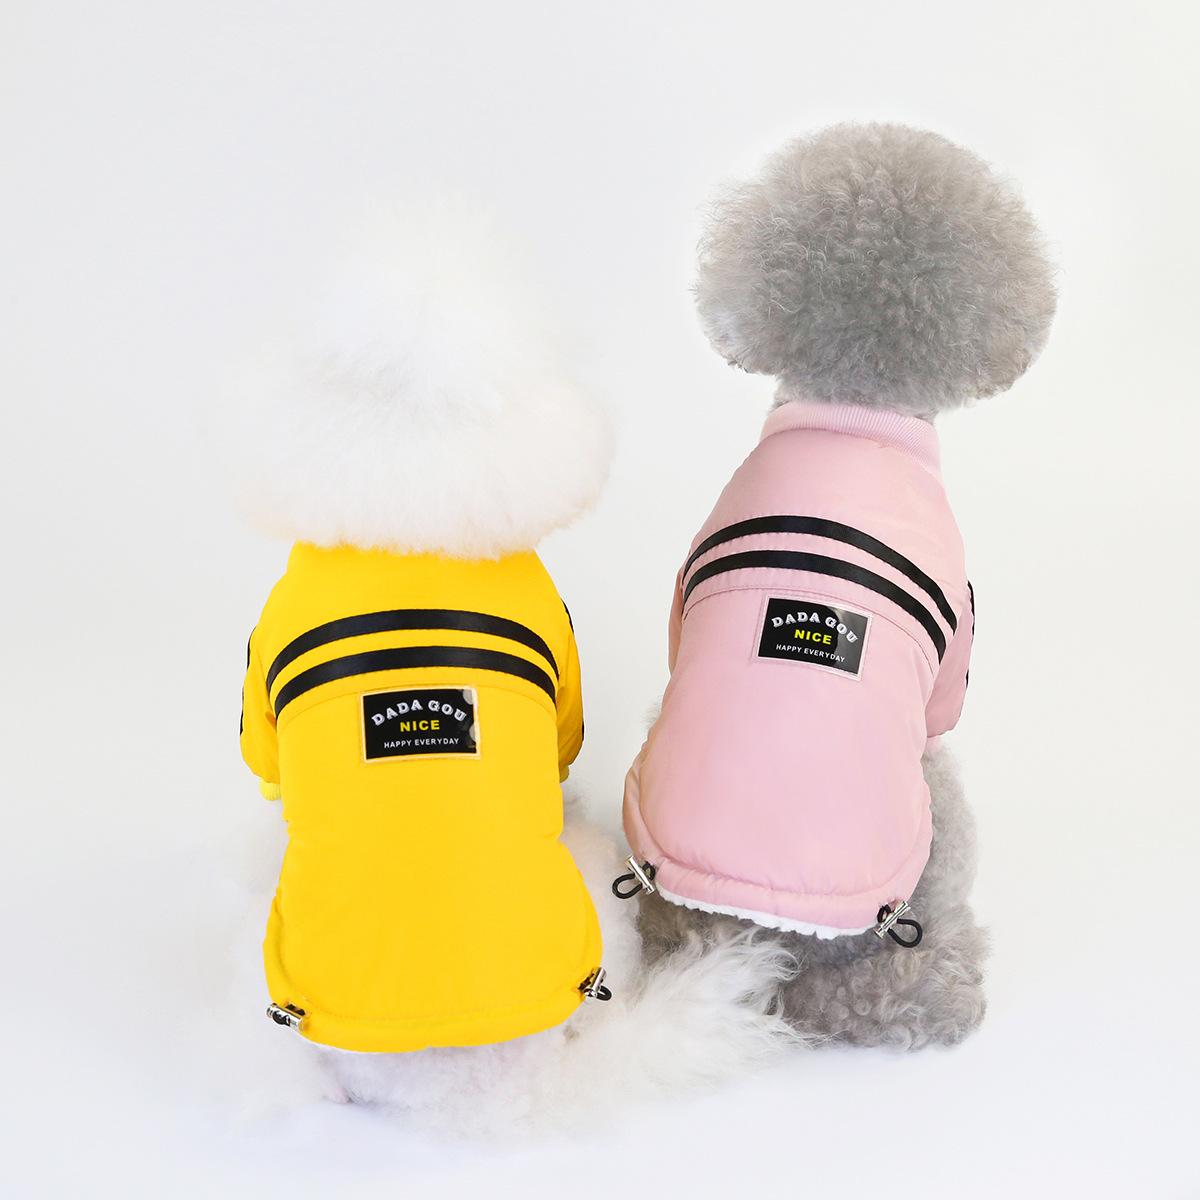 新款2020运动两腿棉衣狗狗衣服时尚风格秋冬保暖服饰泰迪